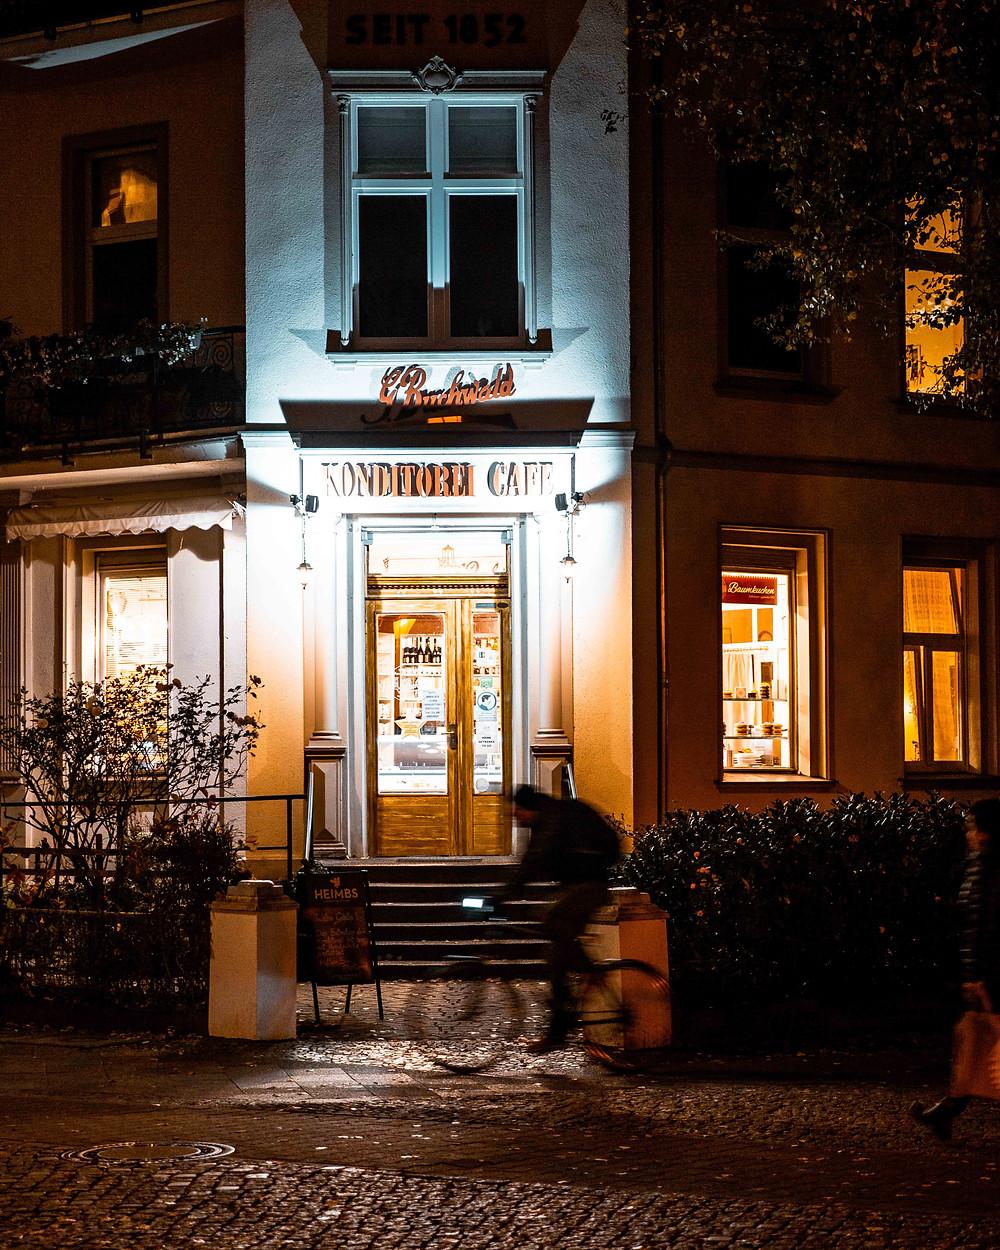 Buchenwald cafe in Moabit, Berlin.